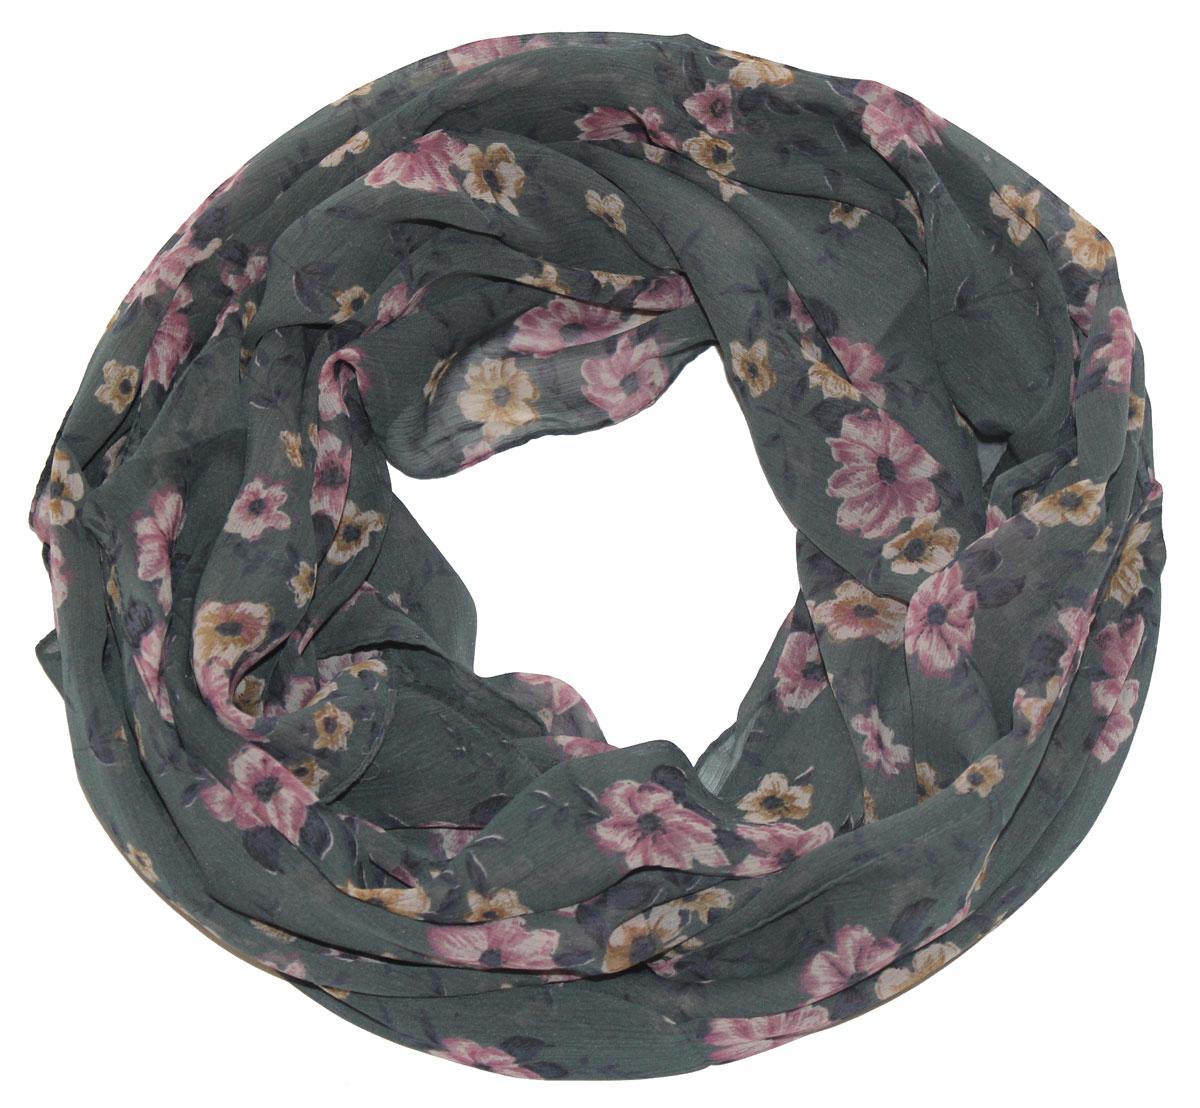 Шарф женский Ethnica, цвет: серый, розовый. 262040. Размер 50 см х 170 см262040Стильный шарф привлекательной расцветки изготовлен из 100% вискозы. Он удачно дополнит ваш гардероб и поможет создать новый повседневный образ, добавить в него яркие краски. Отличный вариант для тех, кто стремится к самовыражению и новизне!